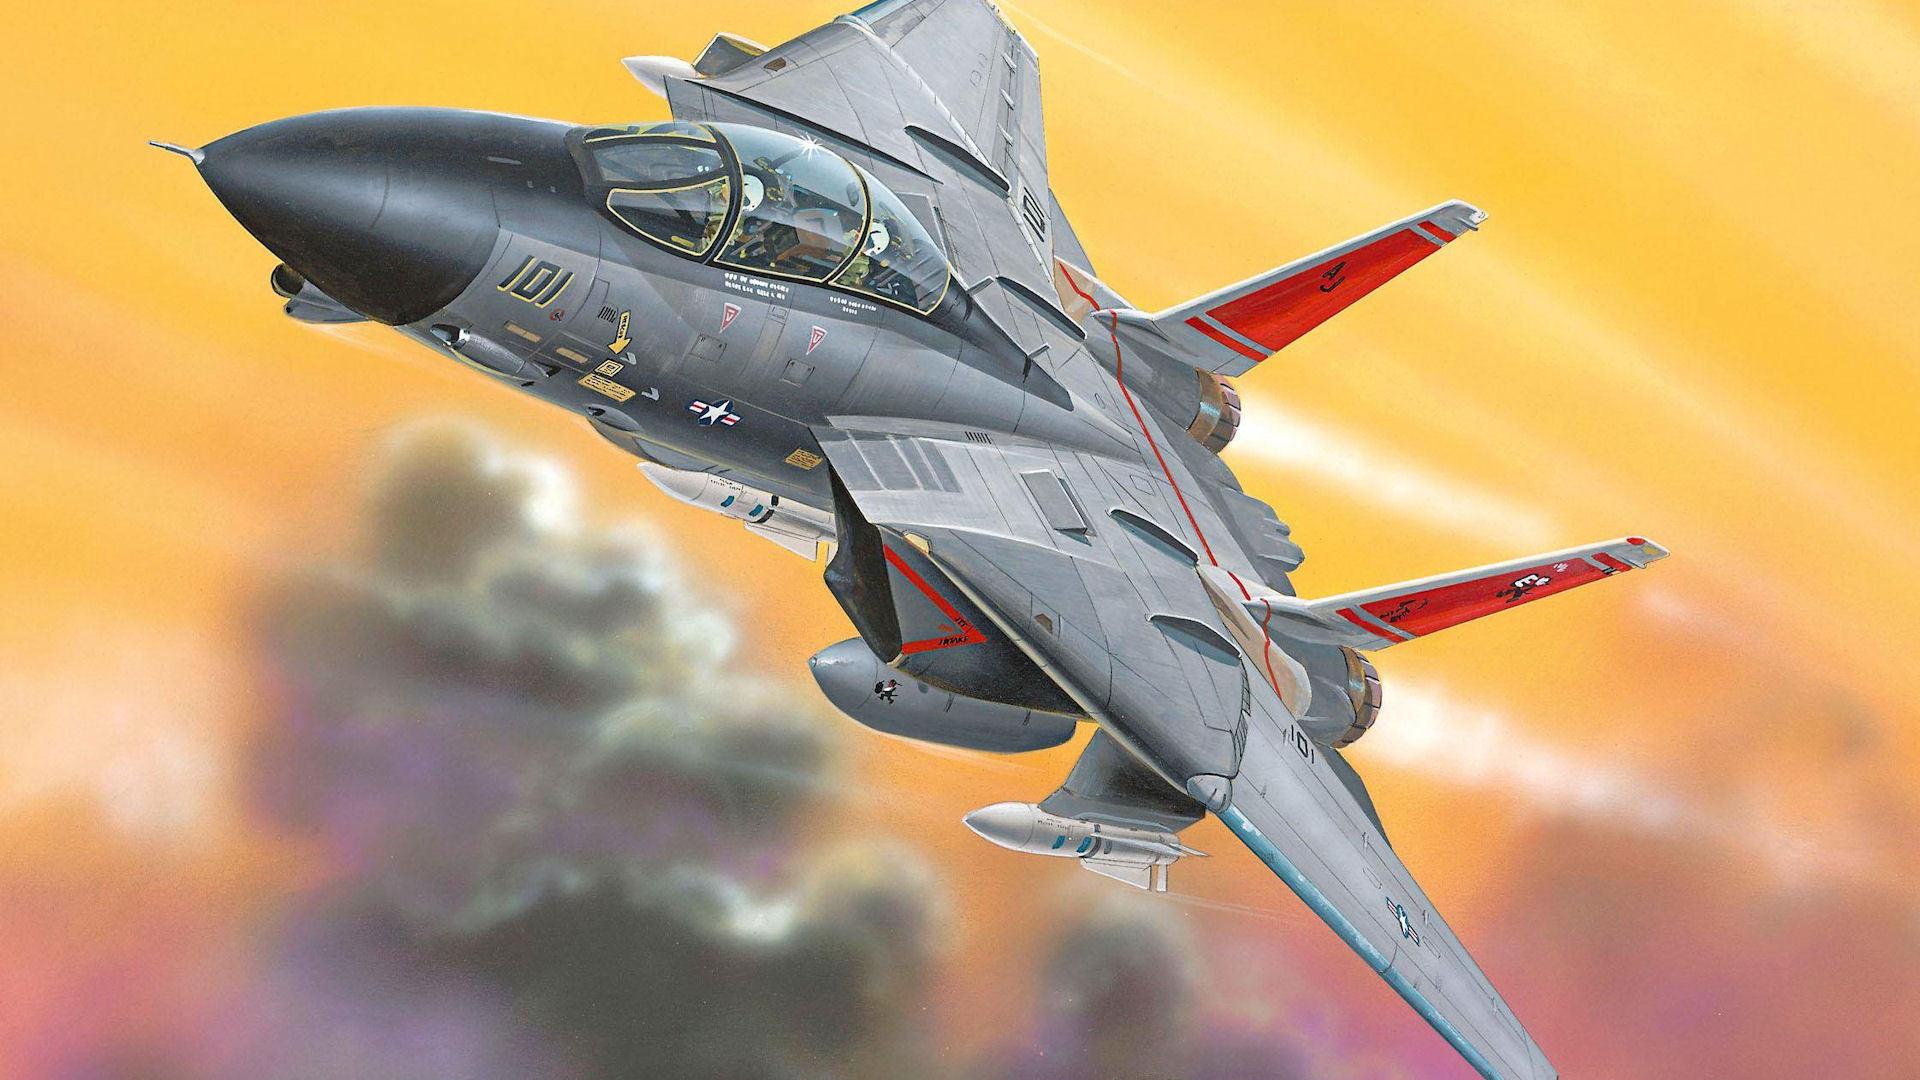 F 14 aviones de combate tomcat armas pilotos militares soldados vuelo sky  air force 4 Tamaños